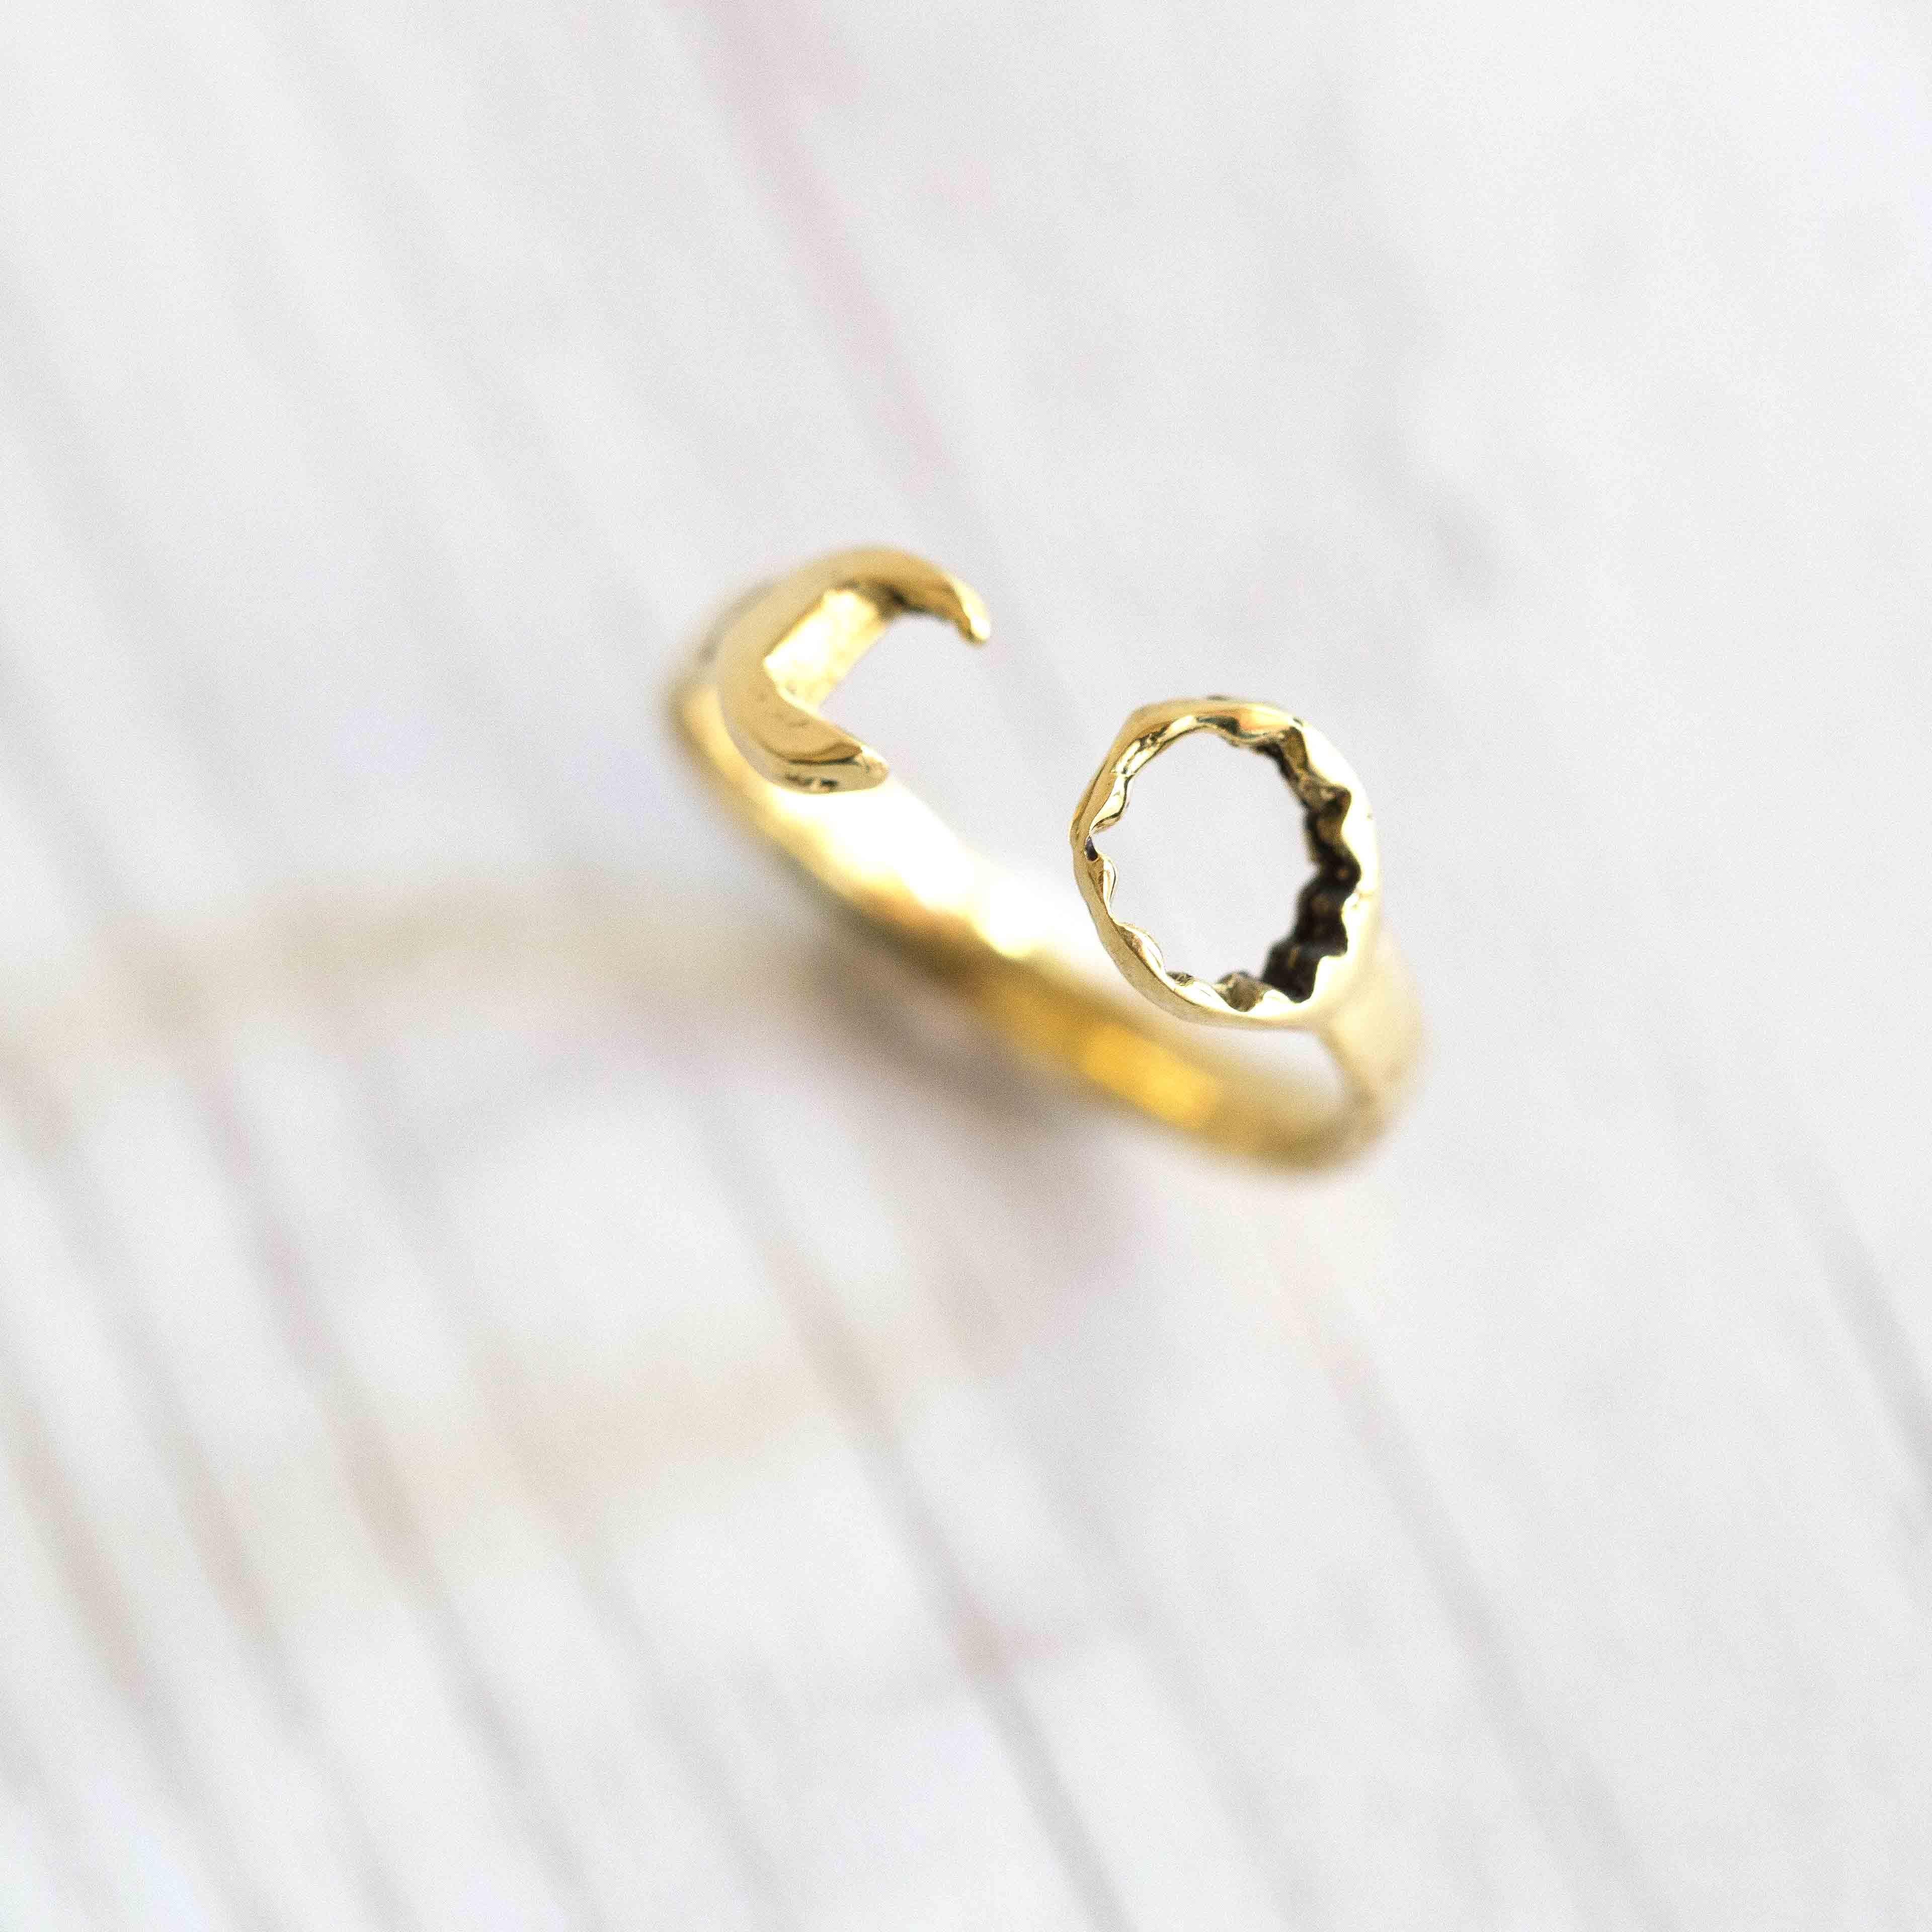 טבעת מפתח שוודי מבראס